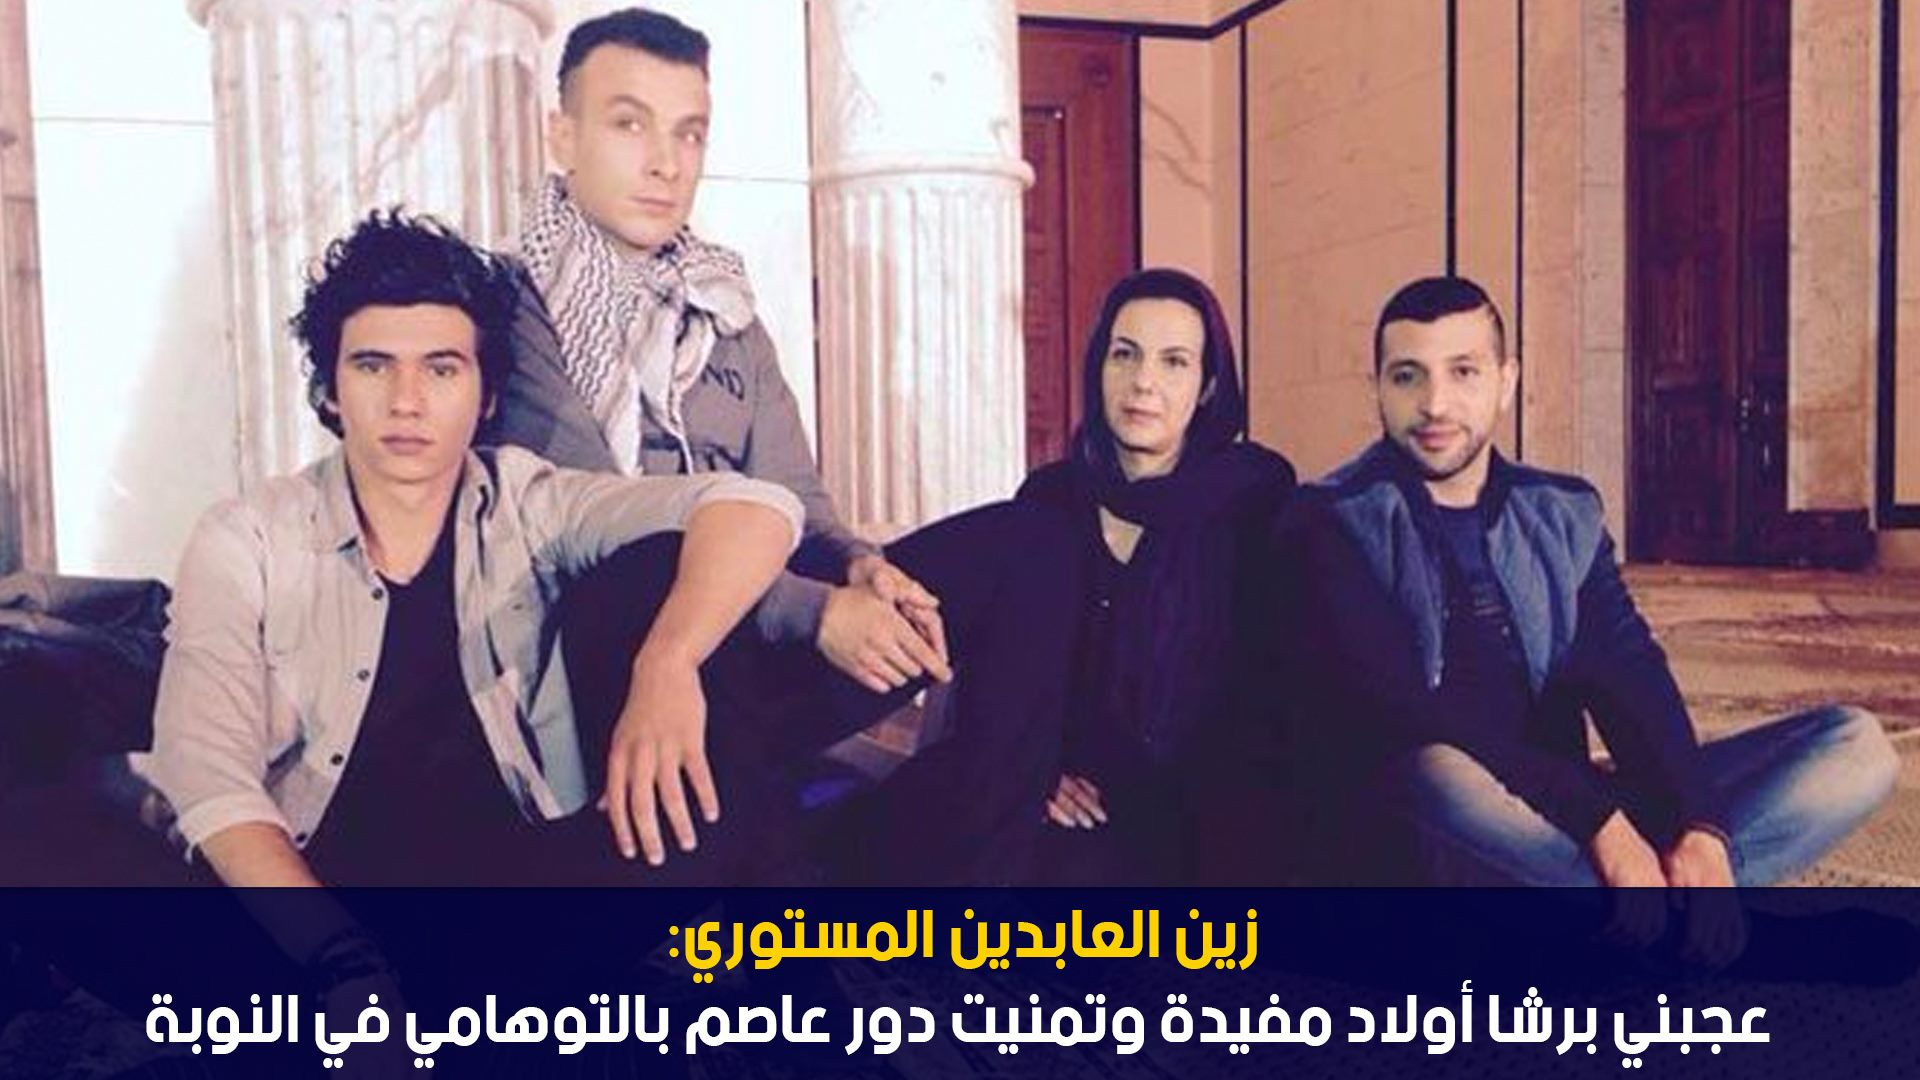 زين العابدين المستوري: عجبني برشا أولاد مفيدة وتمنيت دور عاصم بالتوهامي في النوبة